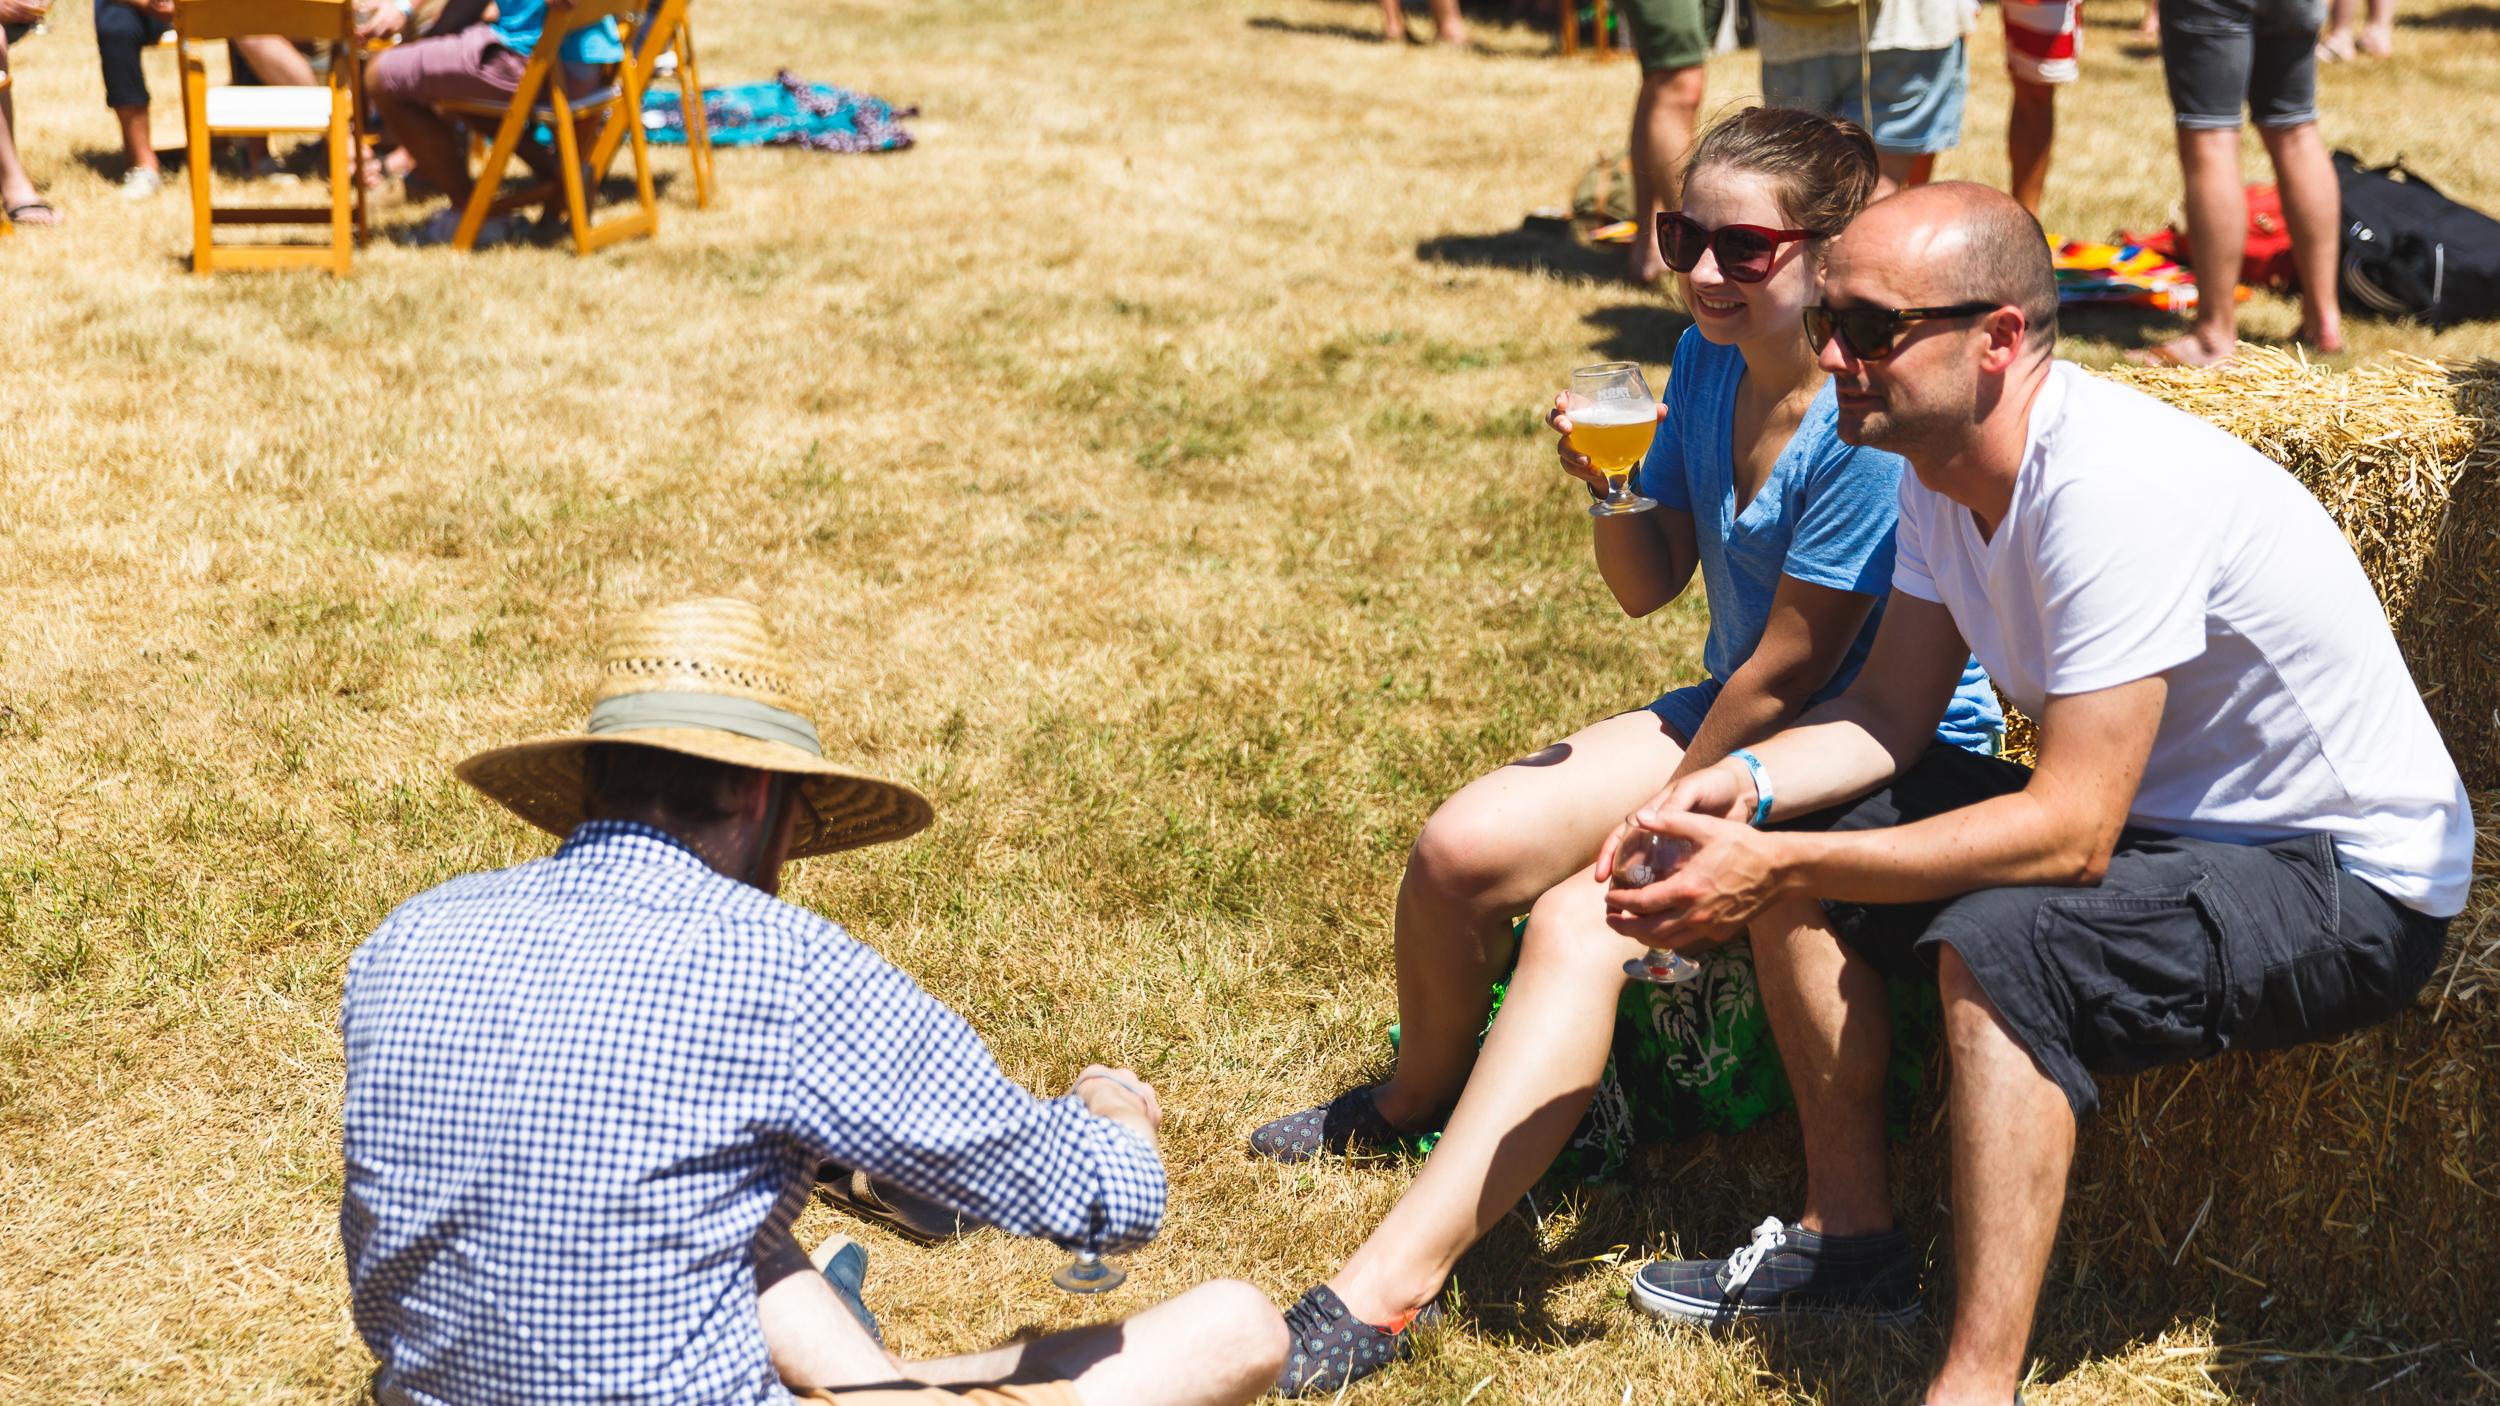 Farmhouse-Fest-Vancouver-image10.jpg